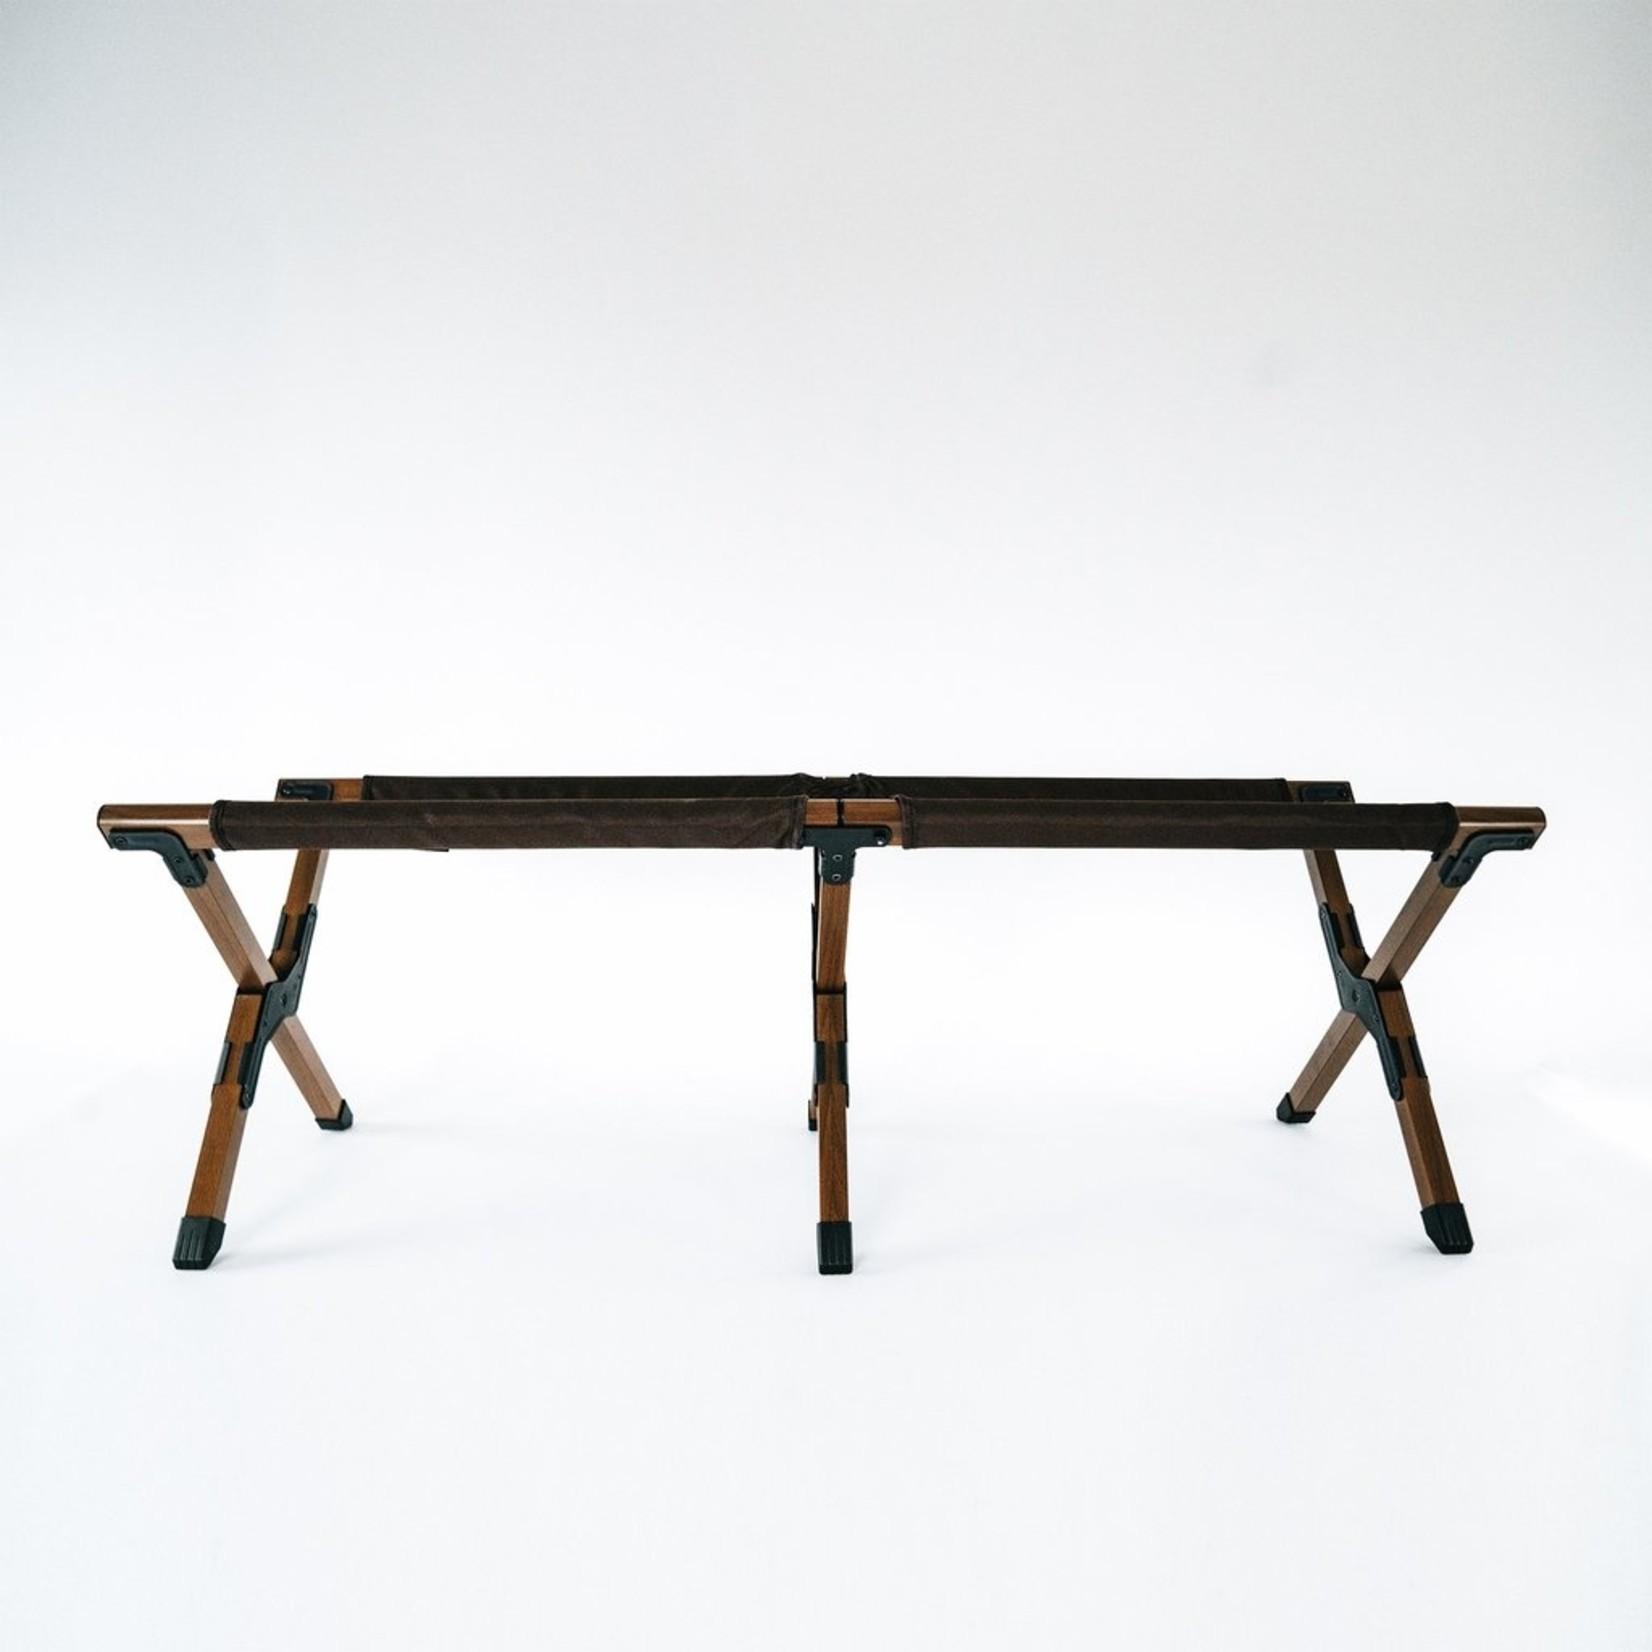 Kovea Kovea WS Folding Bench